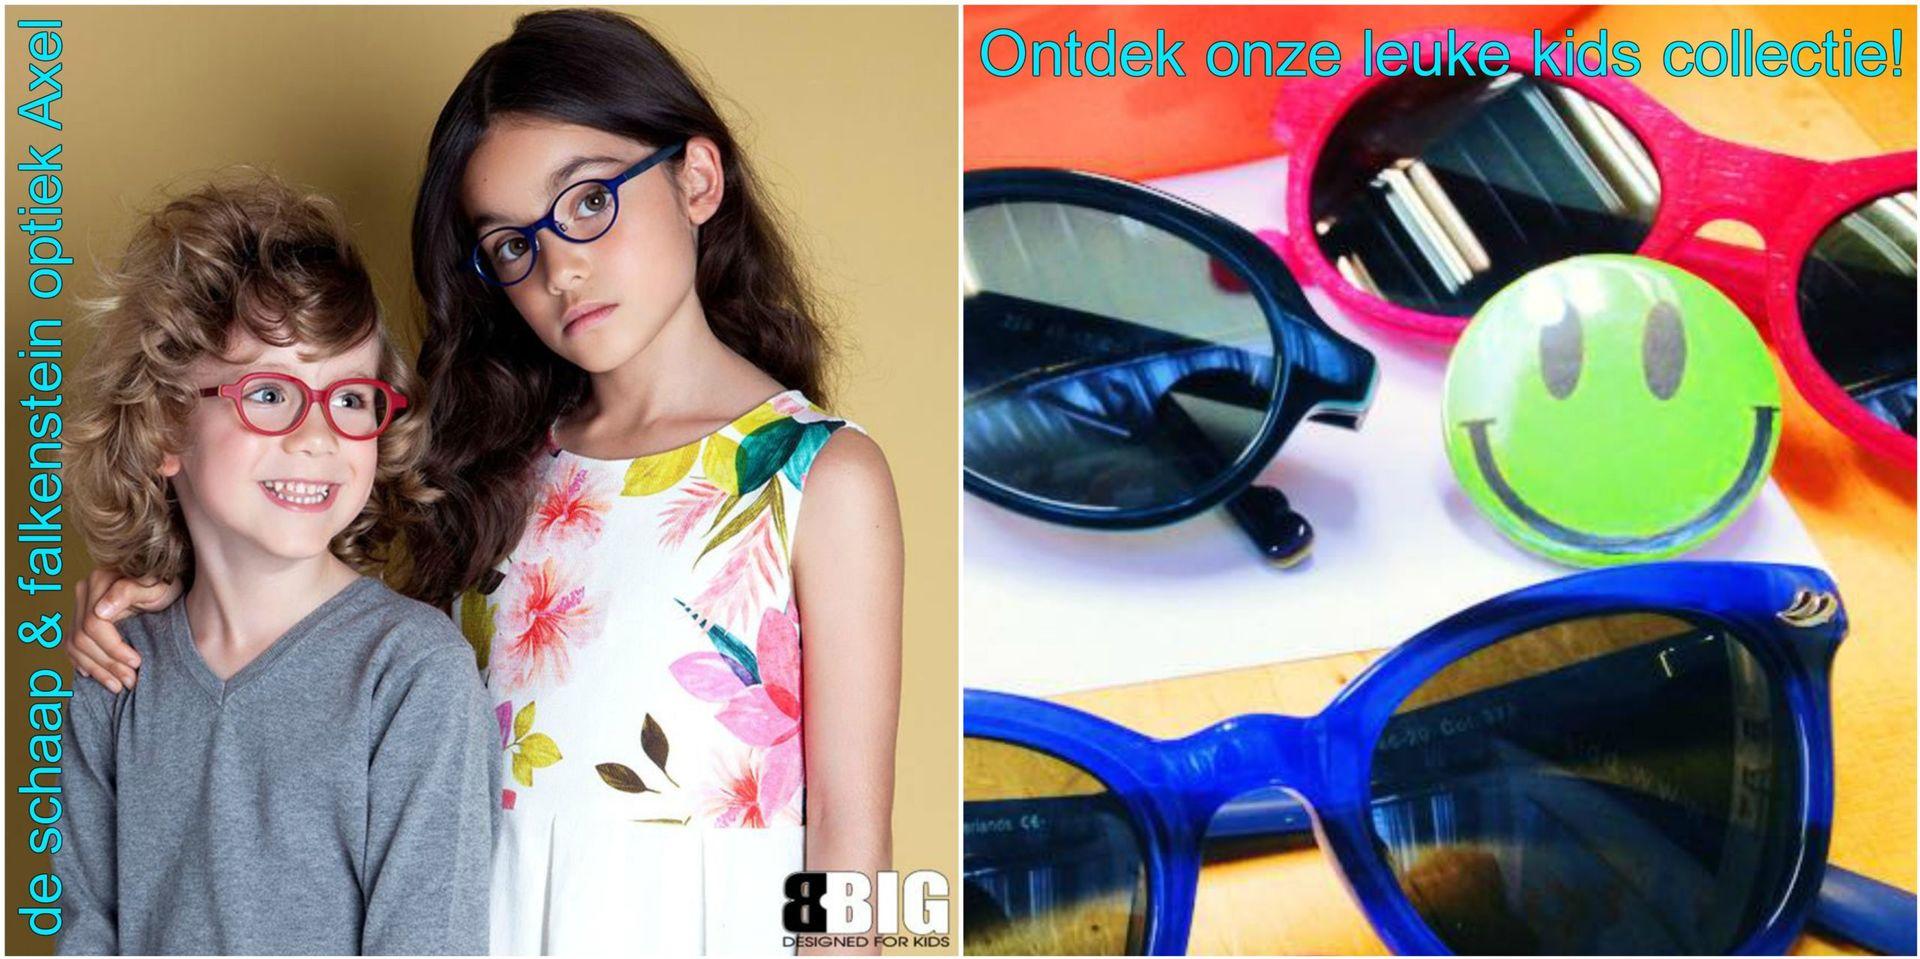 Collage Ontdek onze leuke kids collectie! - voor website & fb - met winkelnaam - kopie